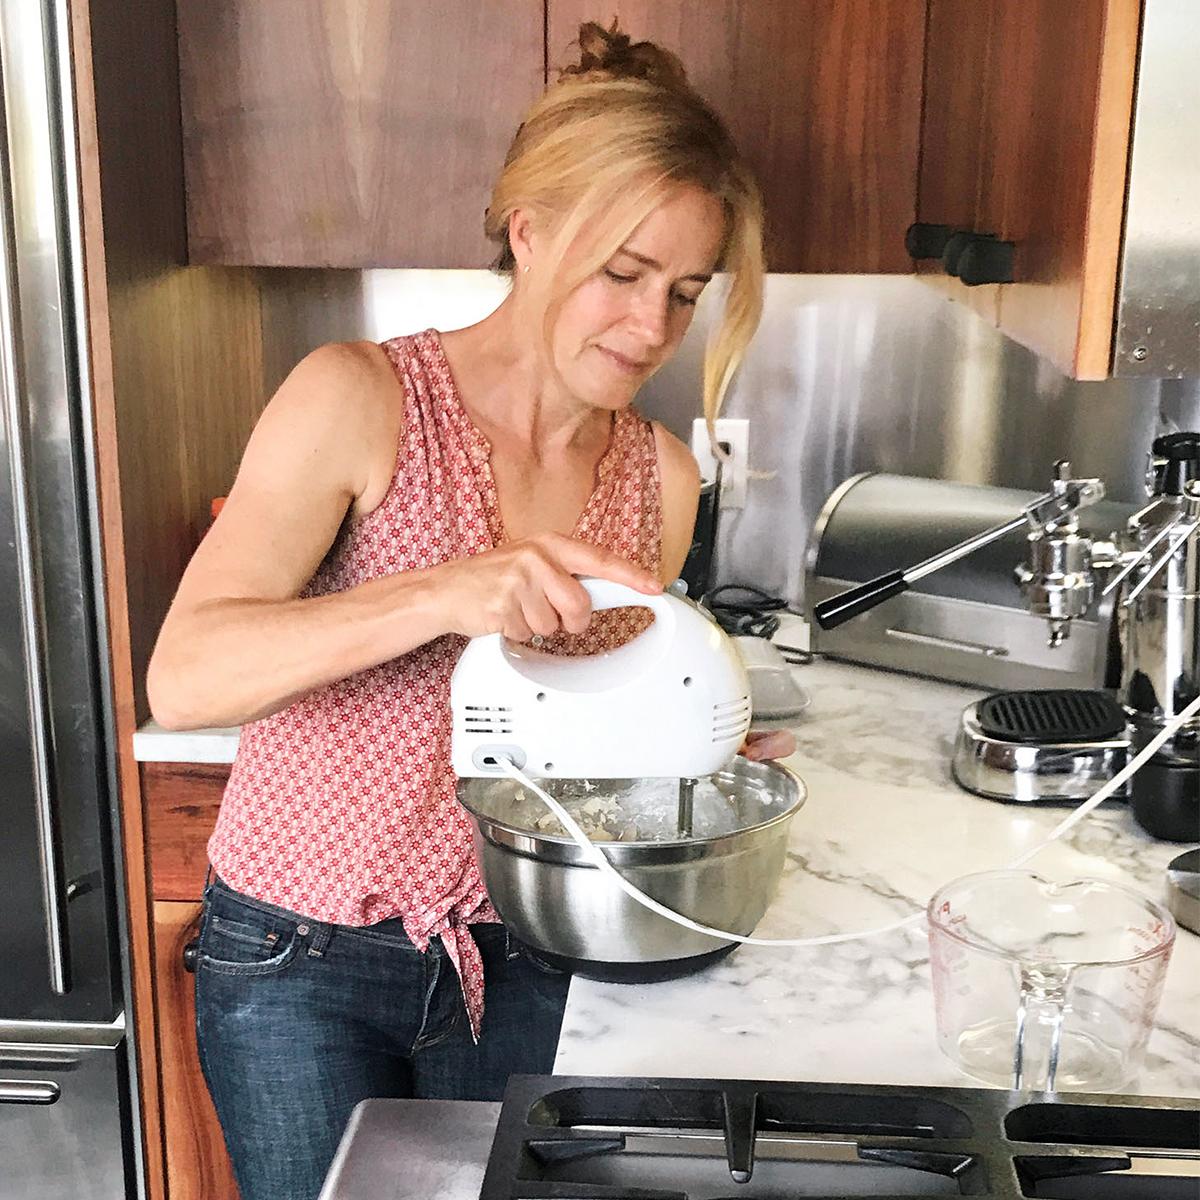 elisabeth shue mixing cupcake batter